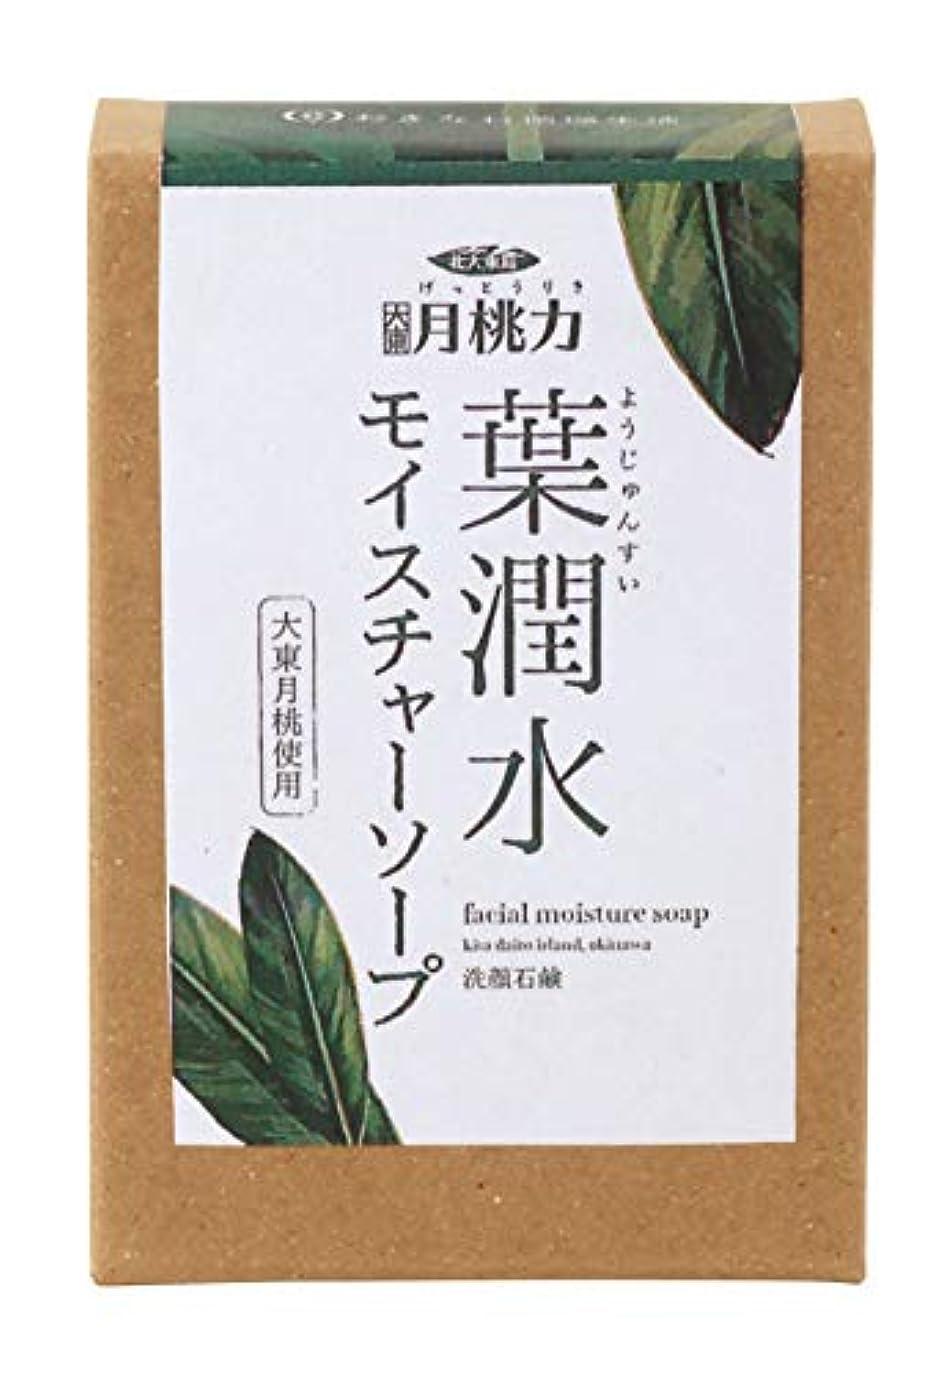 クレタ腹徹底的に葉潤水モイスチャーソープ 80g